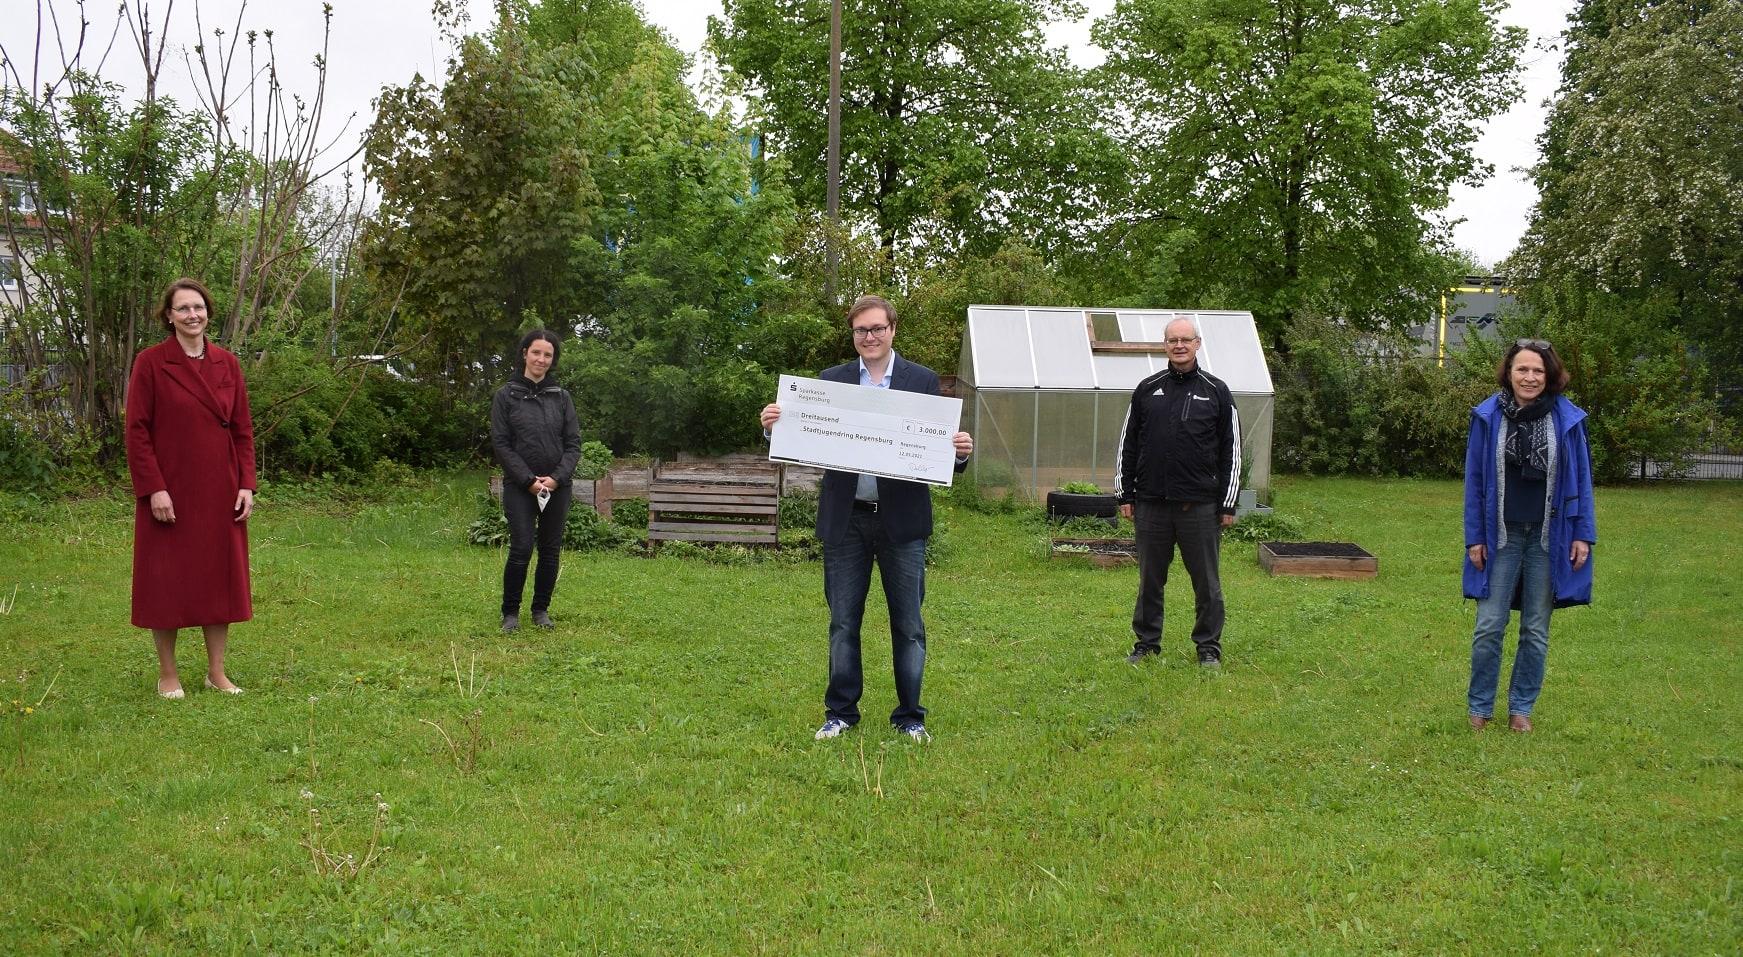 Sparkasse Regensburg unterstützt Inklusives Gartenprojekt Spende in Höhe von 3.000 Euro